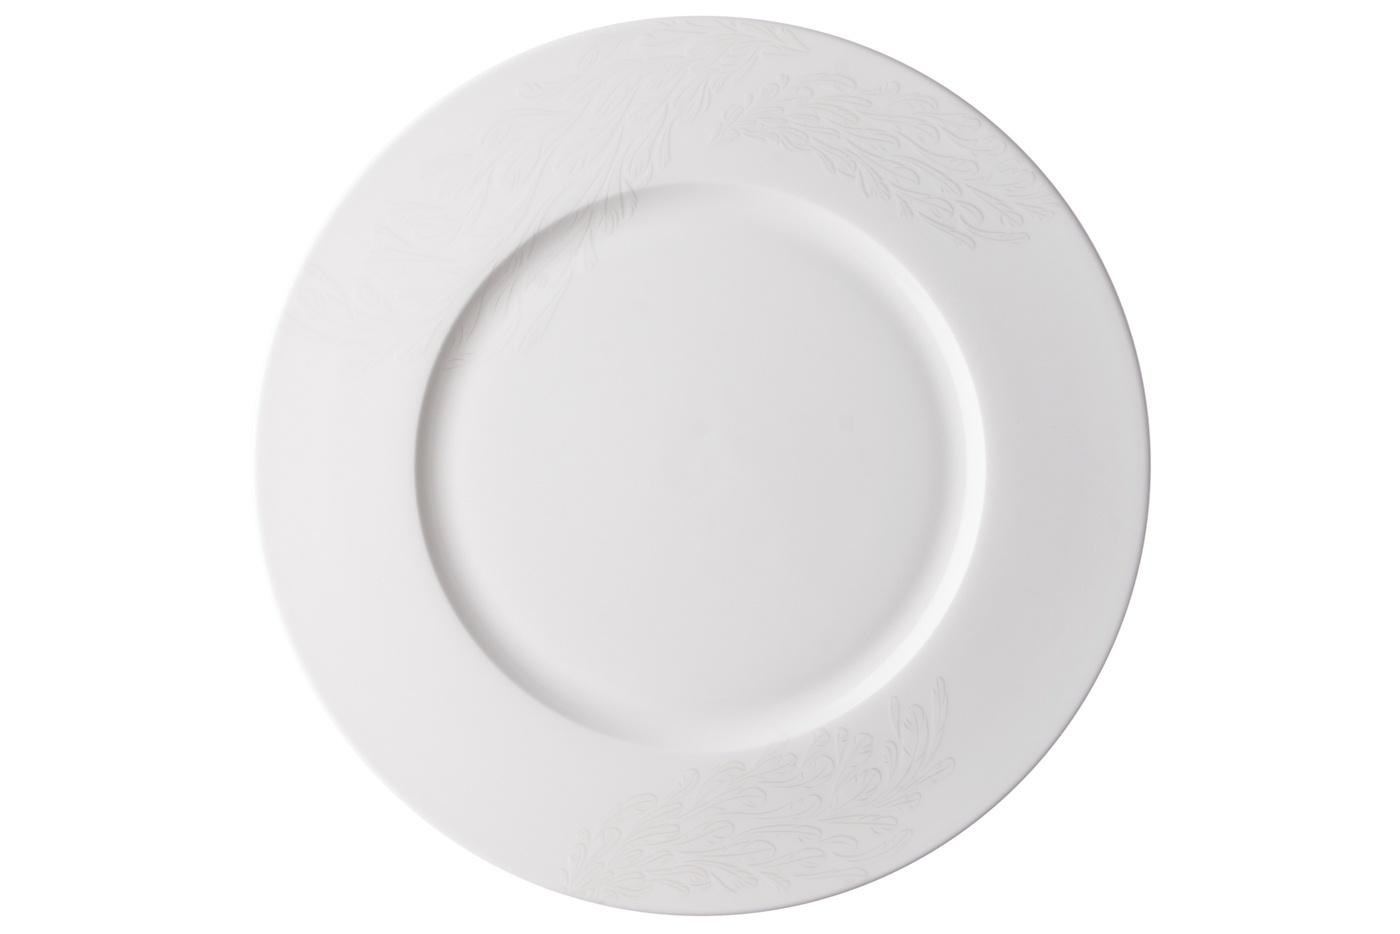 Набор из 6 тарелок Royal Aurel Феникс (25см) арт.636Наборы тарелок<br>Набор из 6 тарелок Royal Aurel Феникс (25см) арт.636<br>Производить посуду из фарфора начали в Китае на стыке 6-7 веков. Неустанно совершенствуя и селективно отбирая сырье для производства посуды из фарфора, мастерам удалось добиться выдающихся характеристик фарфора: белизны и тонкостенности. В XV веке появился особый интерес к китайской фарфоровой посуде, так как в это время Европе возникла мода на самобытные китайские вещи. Роскошный китайский фарфор являлся изыском и был в новинку, поэтому он выступал в качестве подарка королям, а также знатным людям. Такой дорогой подарок был очень престижен и по праву являлся элитной посудой. Как известно из многочисленных исторических документов, в Европе китайские изделия из фарфора ценились практически как золото. <br>Проверка изделий из костяного фарфора на подлинность <br>По сравнению с производством других видов фарфора процесс производства изделий из настоящего костяного фарфора сложен и весьма длителен. Посуда из изящного фарфора - это элитная посуда, которая всегда ассоциируется с богатством, величием и благородством. Несмотря на небольшую толщину, фарфоровая посуда - это очень прочное изделие. Для демонстрации плотности и прочности фарфора можно легко коснуться предметов посуды из фарфора деревянной палочкой, и тогда мы услушим характерный металлический звон. В составе фарфоровой посуды присутствует костяная зола, благодаря чему она может быть намного тоньше (не более 2,5 мм) и легче твердого или мягкого фарфора. Безупречная белизна - ключевой признак отличия такого фарфора от других. Цвет обычного фарфора сероватый или ближе к голубоватому, а костяной фарфор будет всегда будет молочно-белого цвета. Характерная и немаловажная деталь - это невесомая прозрачность изделий из фарфора такая, что сквозь него проходит свет.<br>